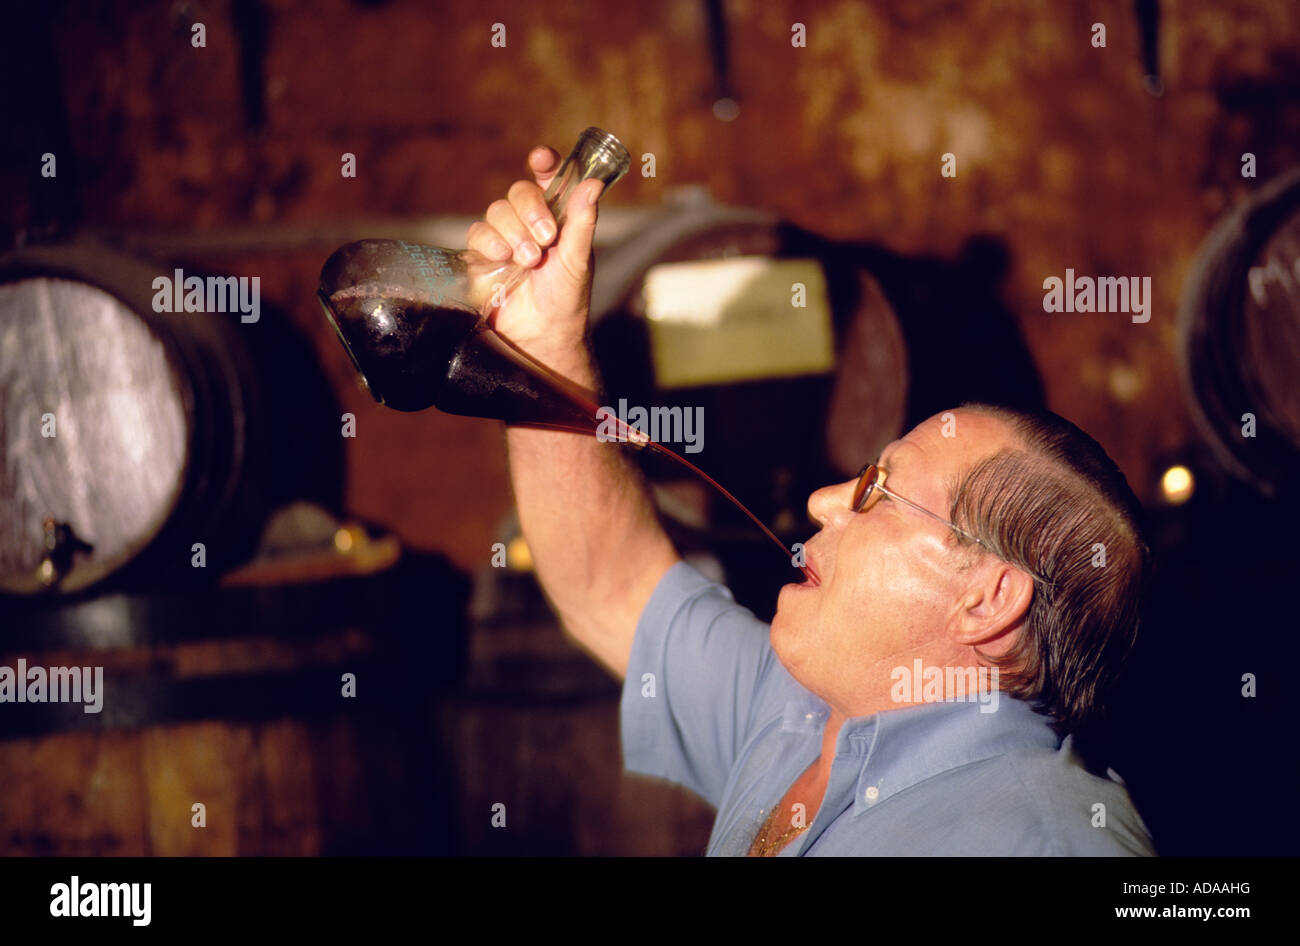 beber-vino-con-buque-porron-vilafranca-del-penedes-cataluna-adaahg.jpg